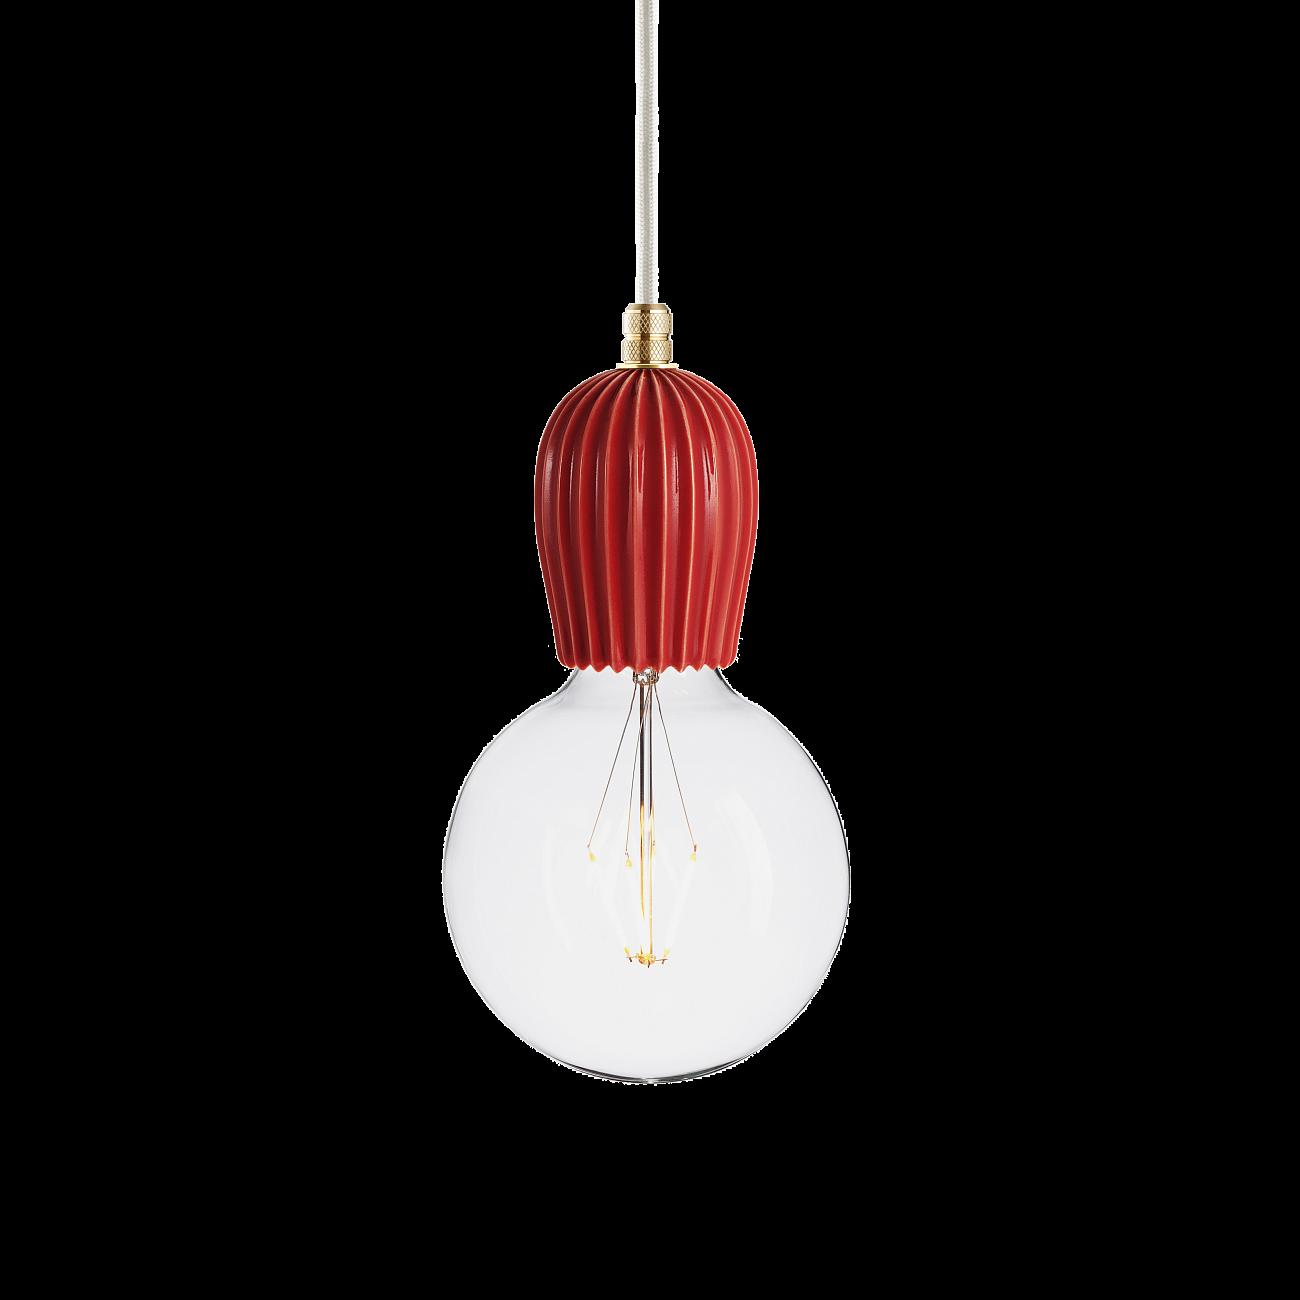 Купить Подвесной светильник KERAMIK RIB KORAL BRASS в интернет магазине дизайнерской мебели и аксессуаров для дома и дачи